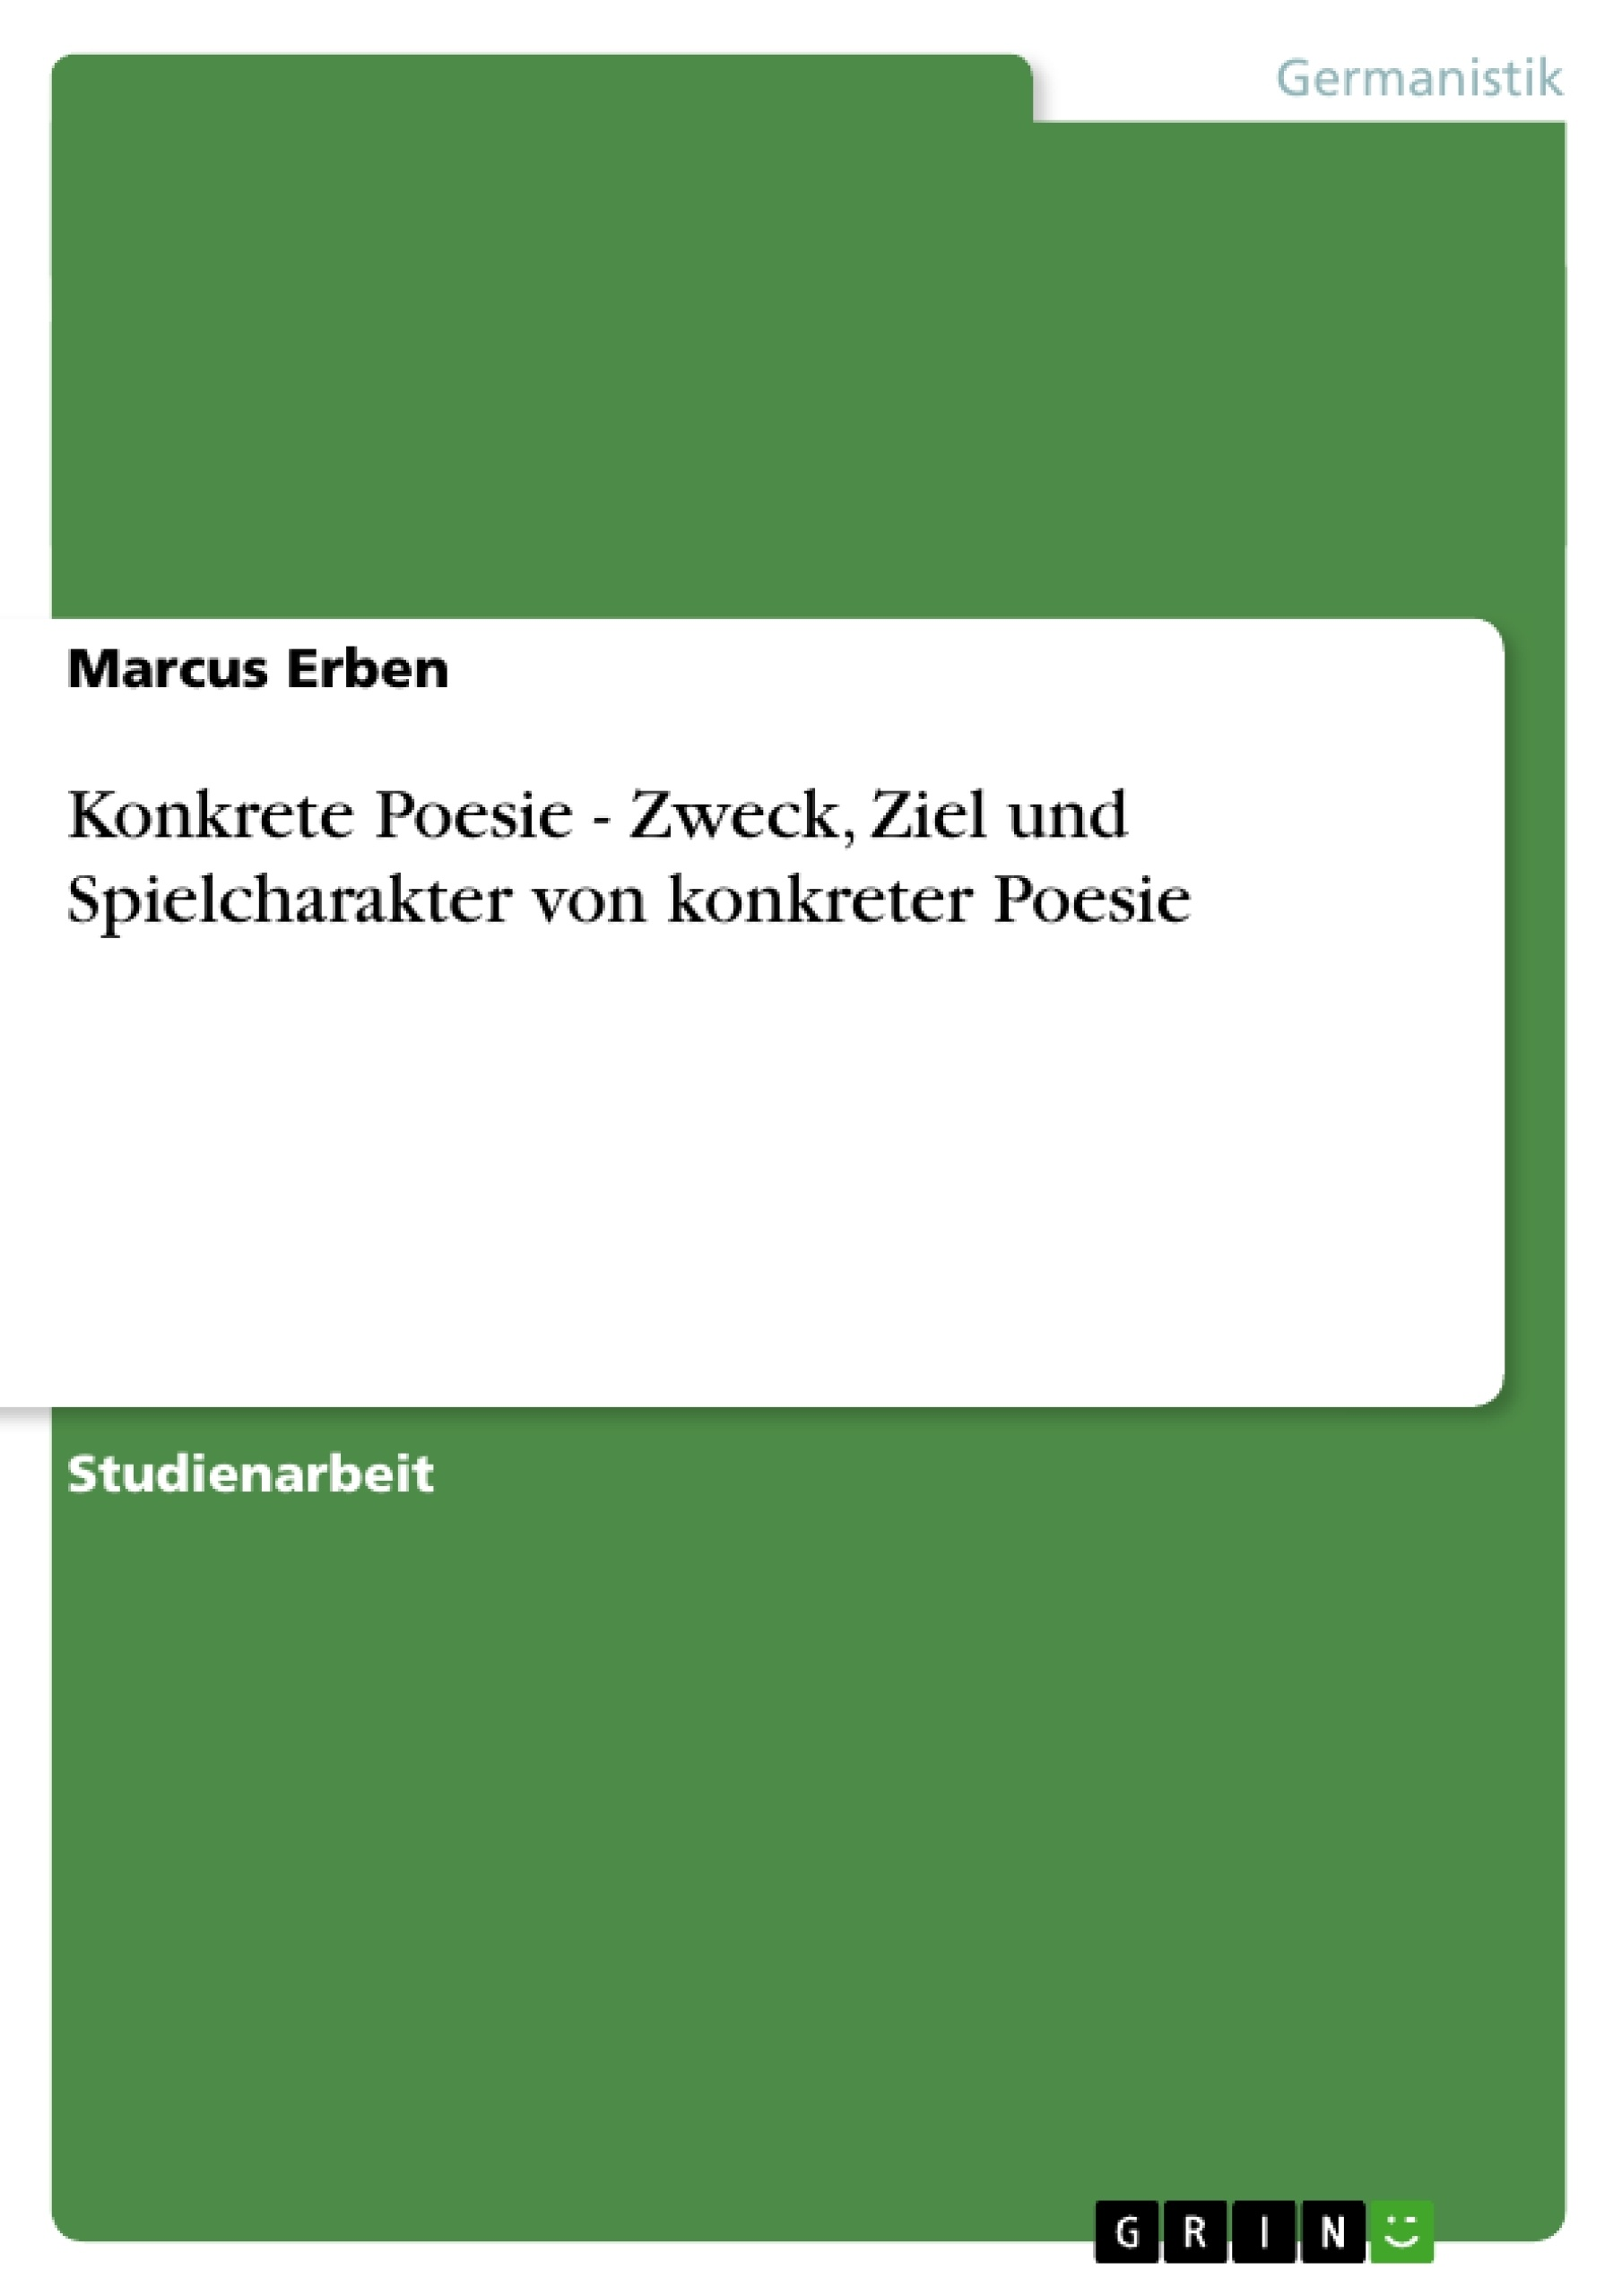 Titel: Konkrete Poesie - Zweck, Ziel und Spielcharakter von konkreter Poesie